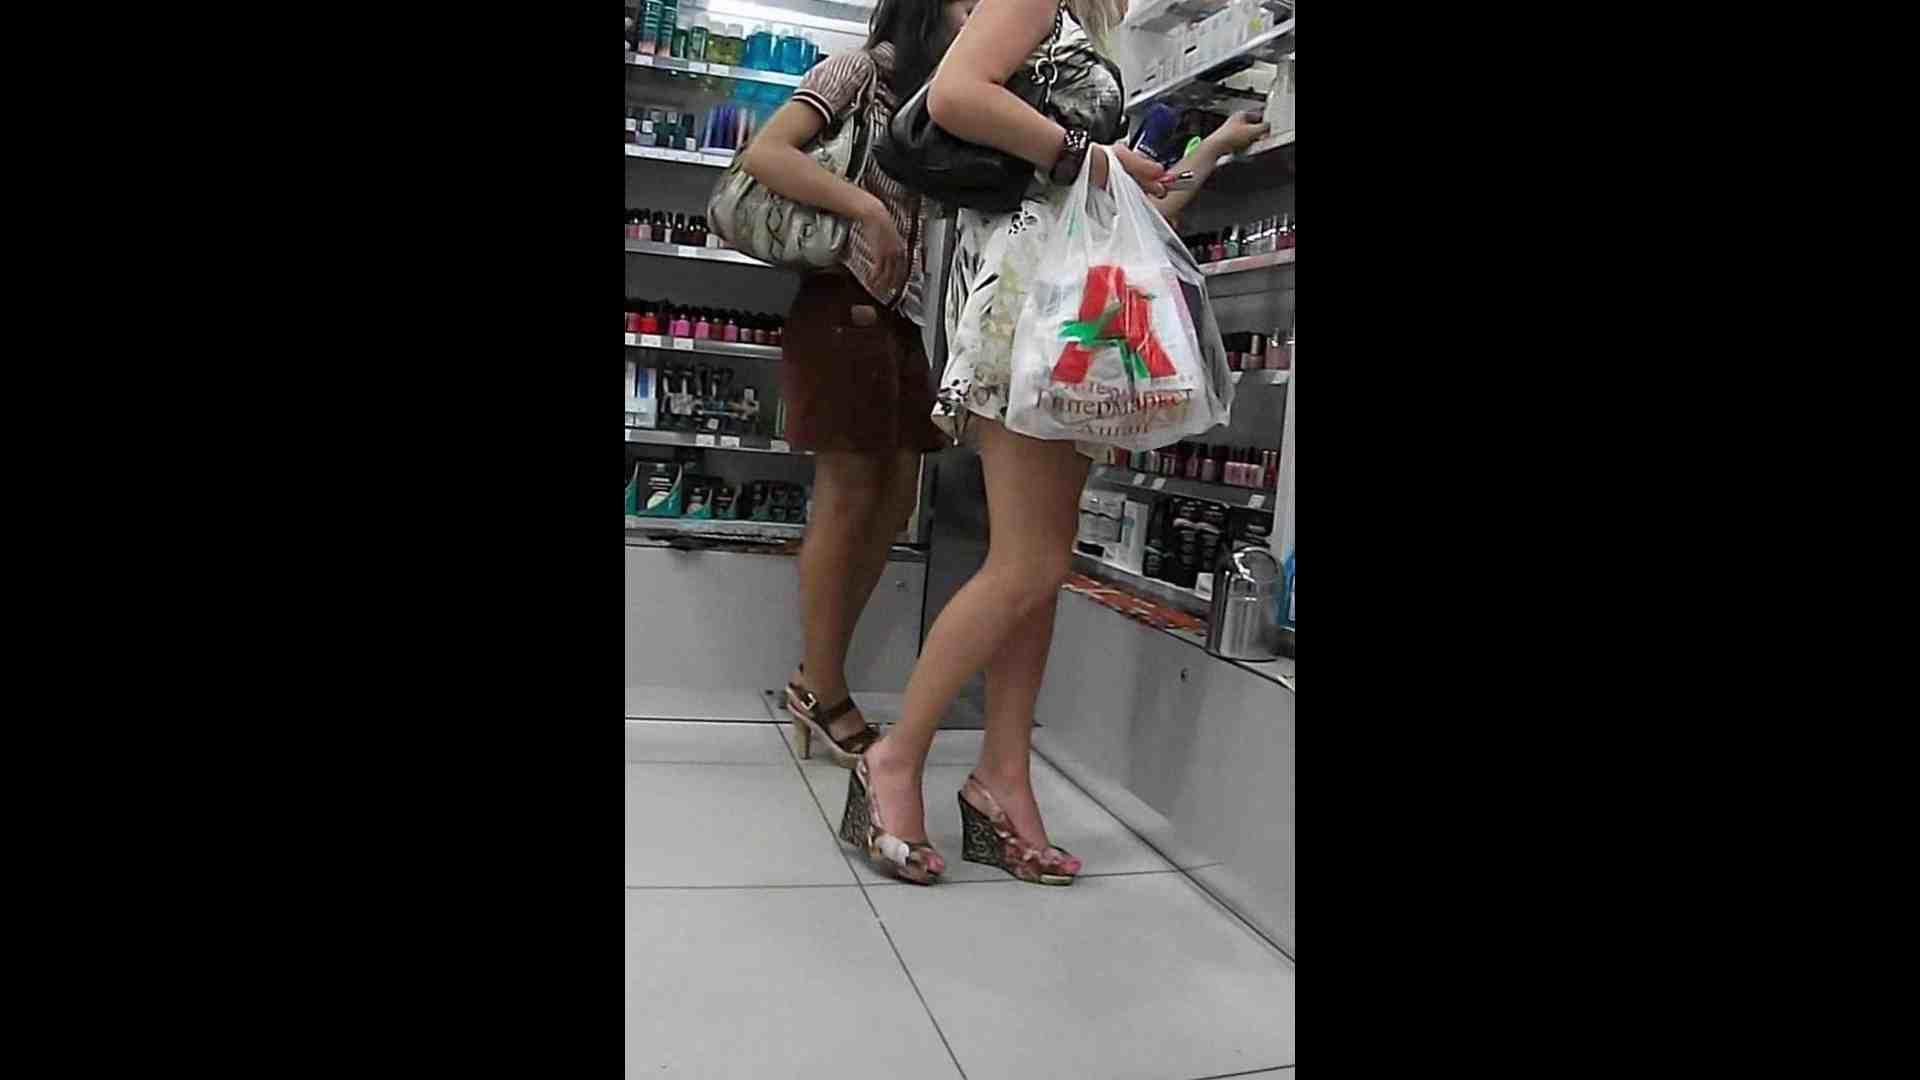 綺麗なモデルさんのスカート捲っちゃおう‼vol04 お姉さん丸裸  82pic 3